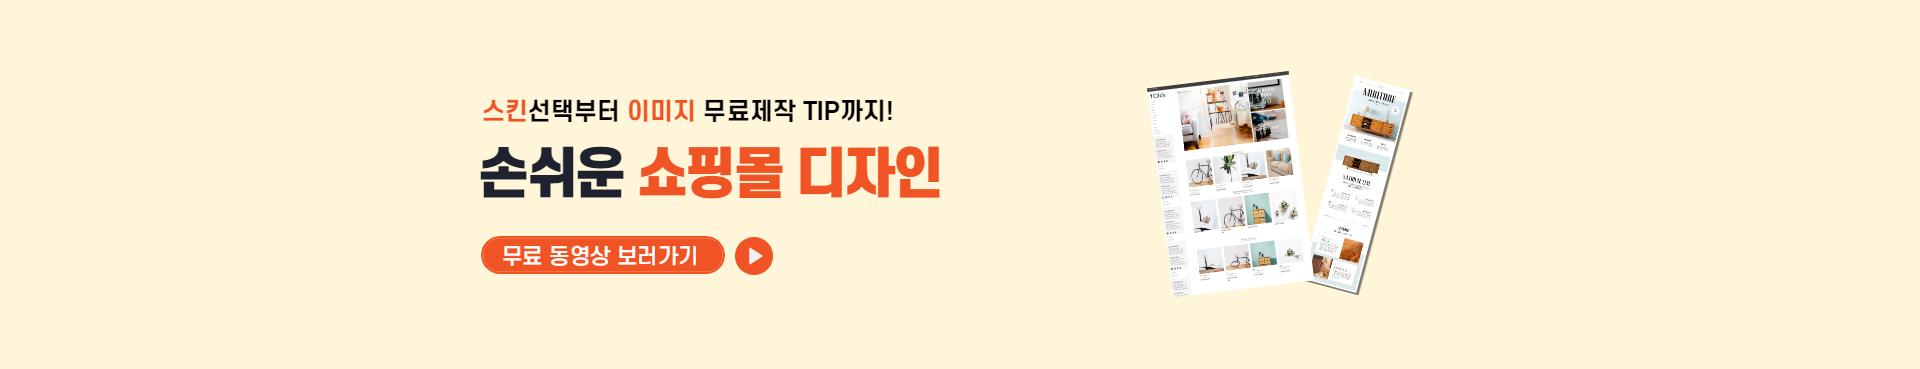 1인셀러디자인_홍보배너